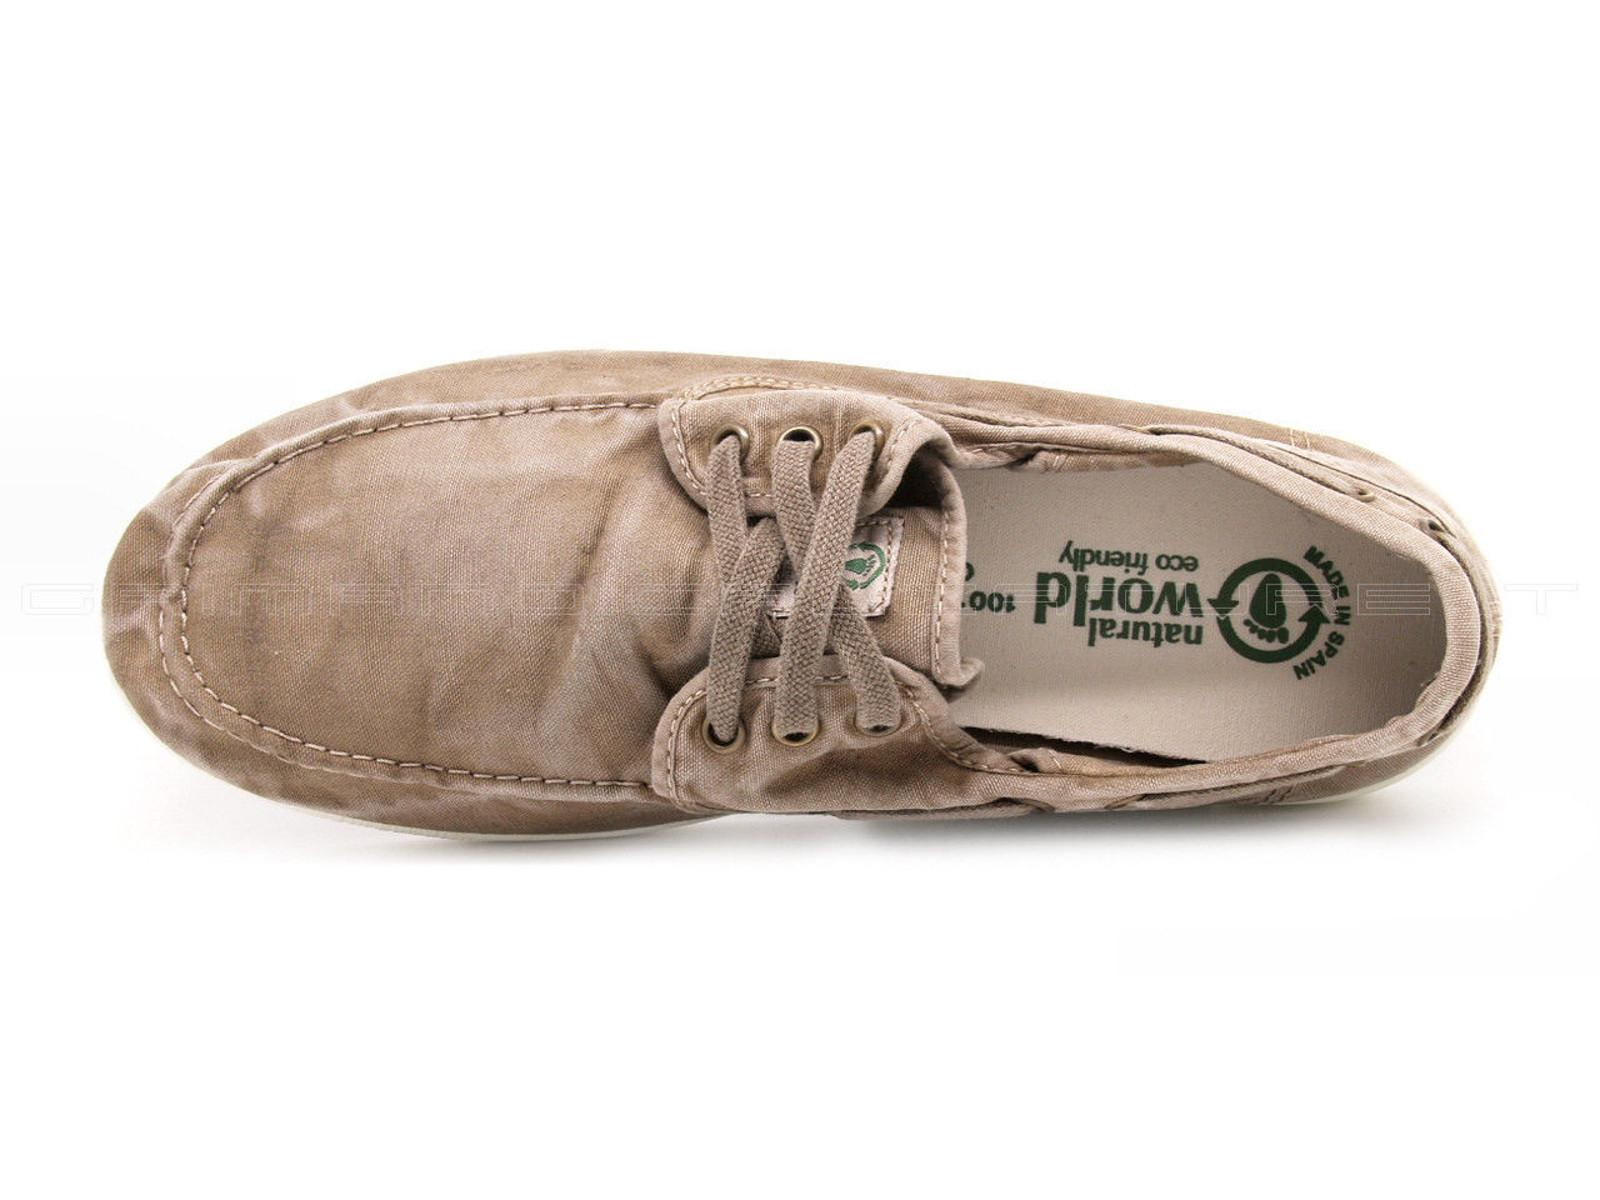 NATURAL WORLD ECO 303E 621 man shoe laces beige cotton enz Natural World